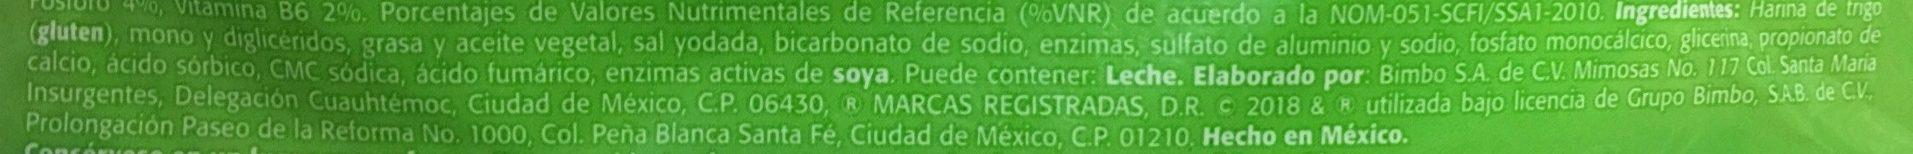 Tortillinas Ligeras - Ingrédients - es